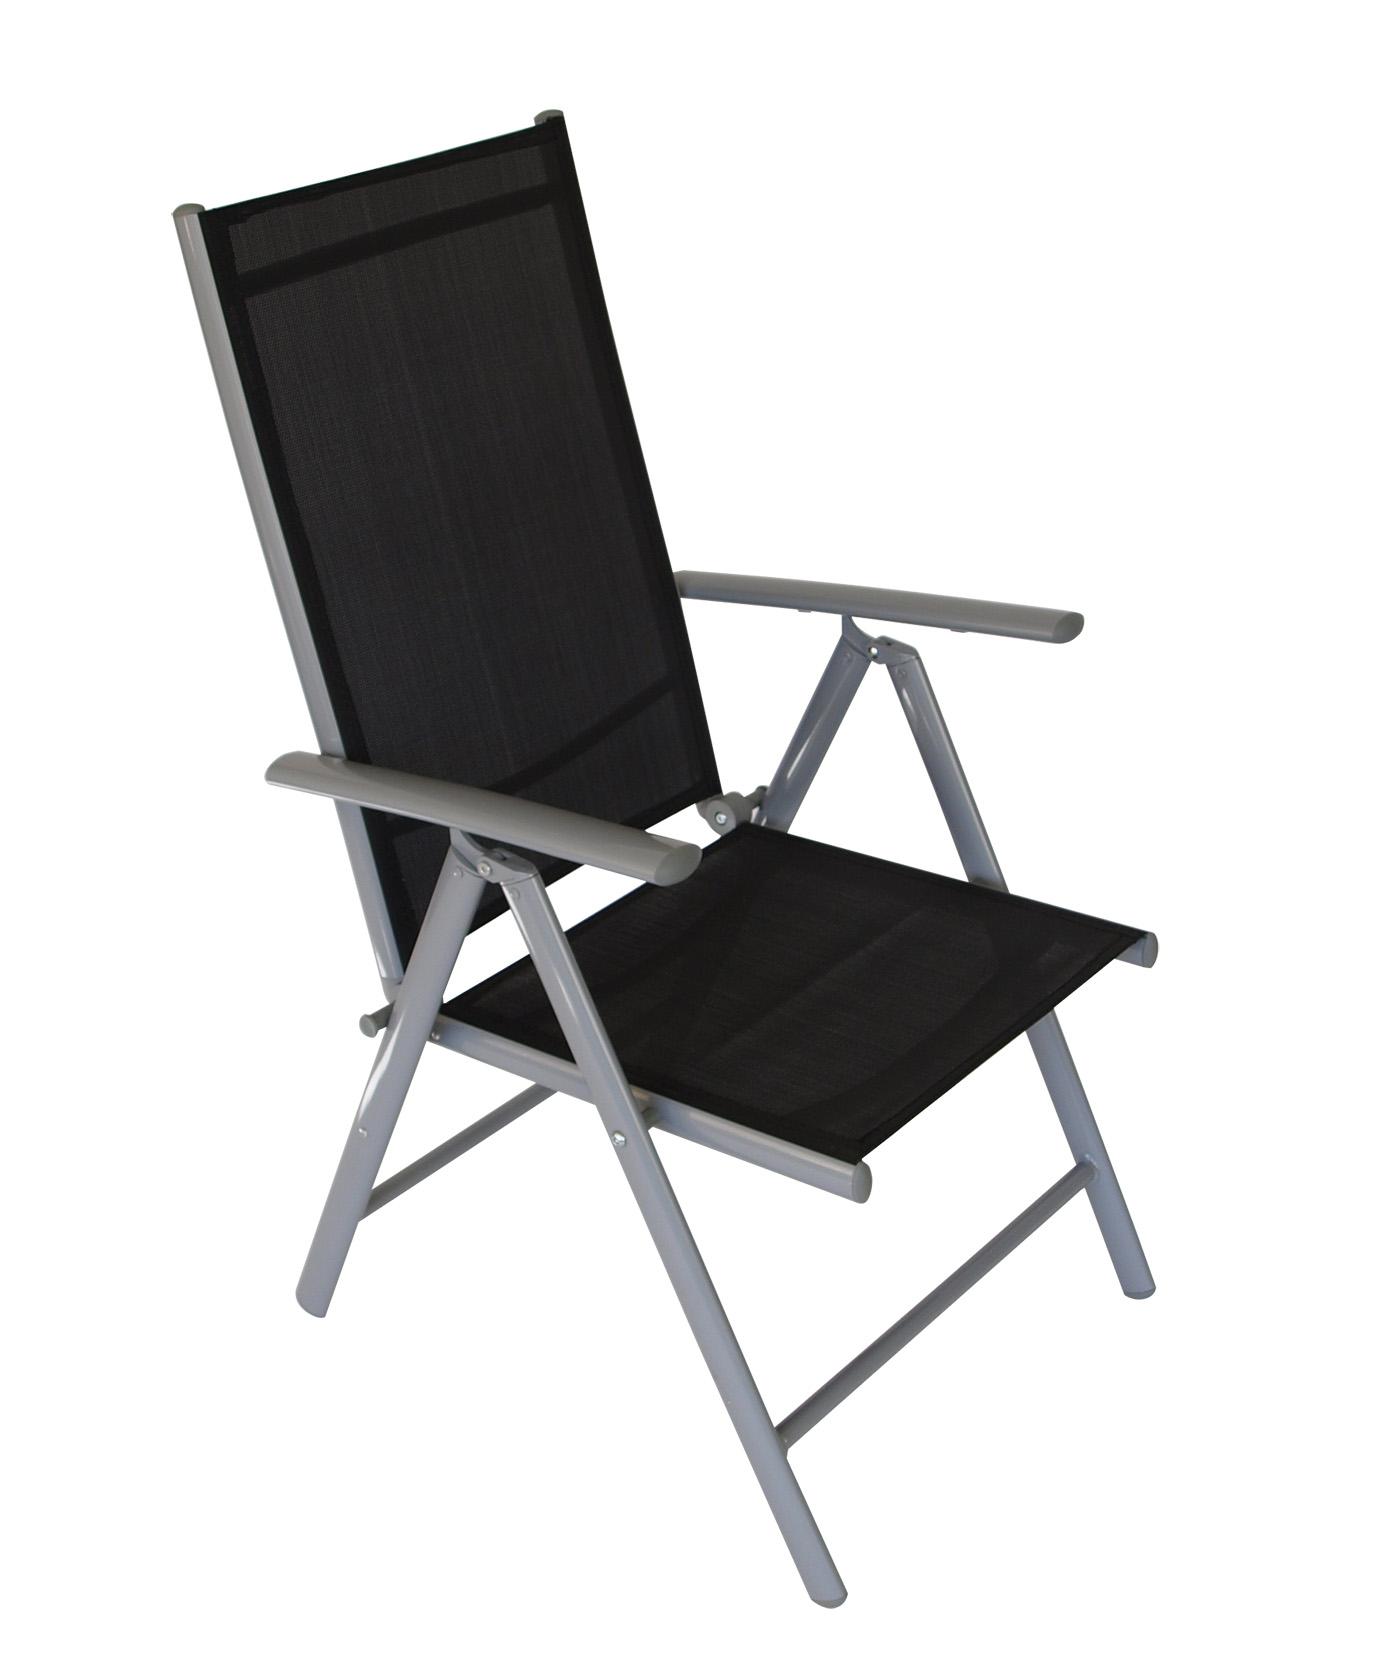 st hle gartenm bel outdoor lda homestore ihr partner fuer kueche wohnen und garten. Black Bedroom Furniture Sets. Home Design Ideas